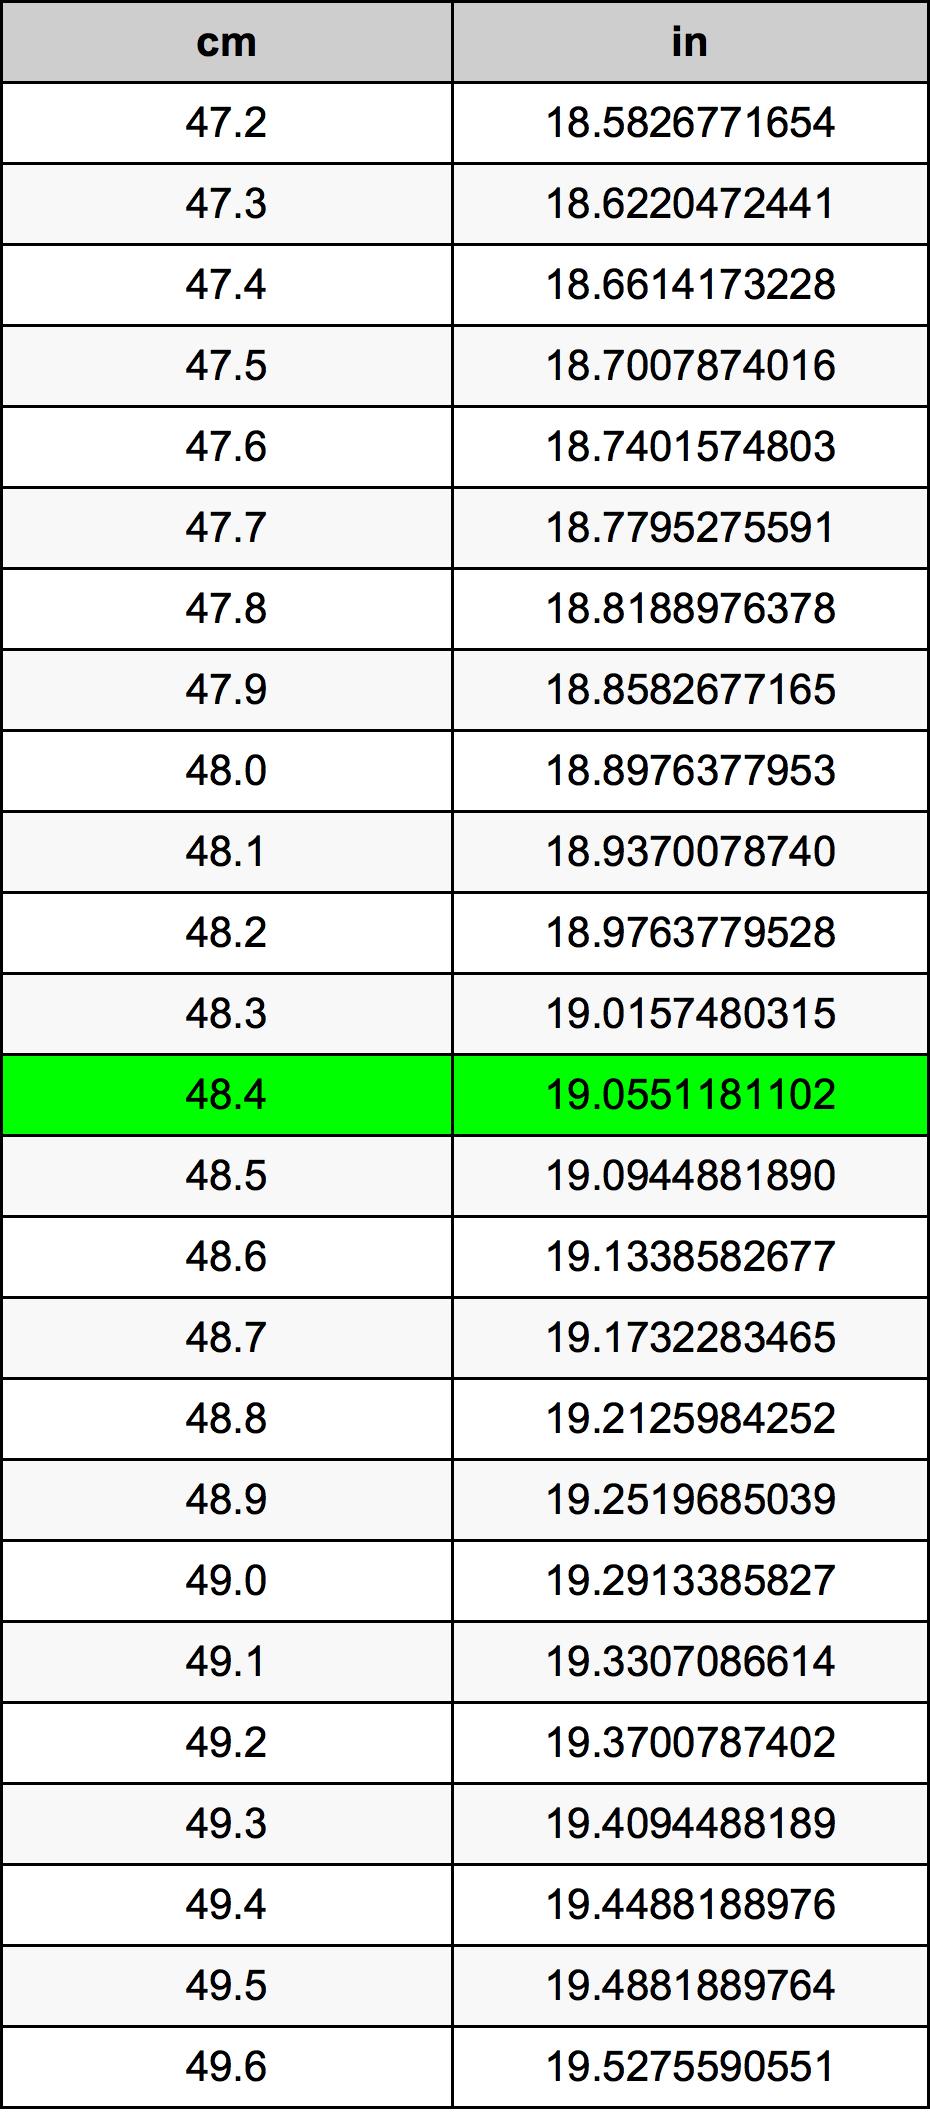 48.4 εκατοστόμετρο Πίνακας Μετατροπής